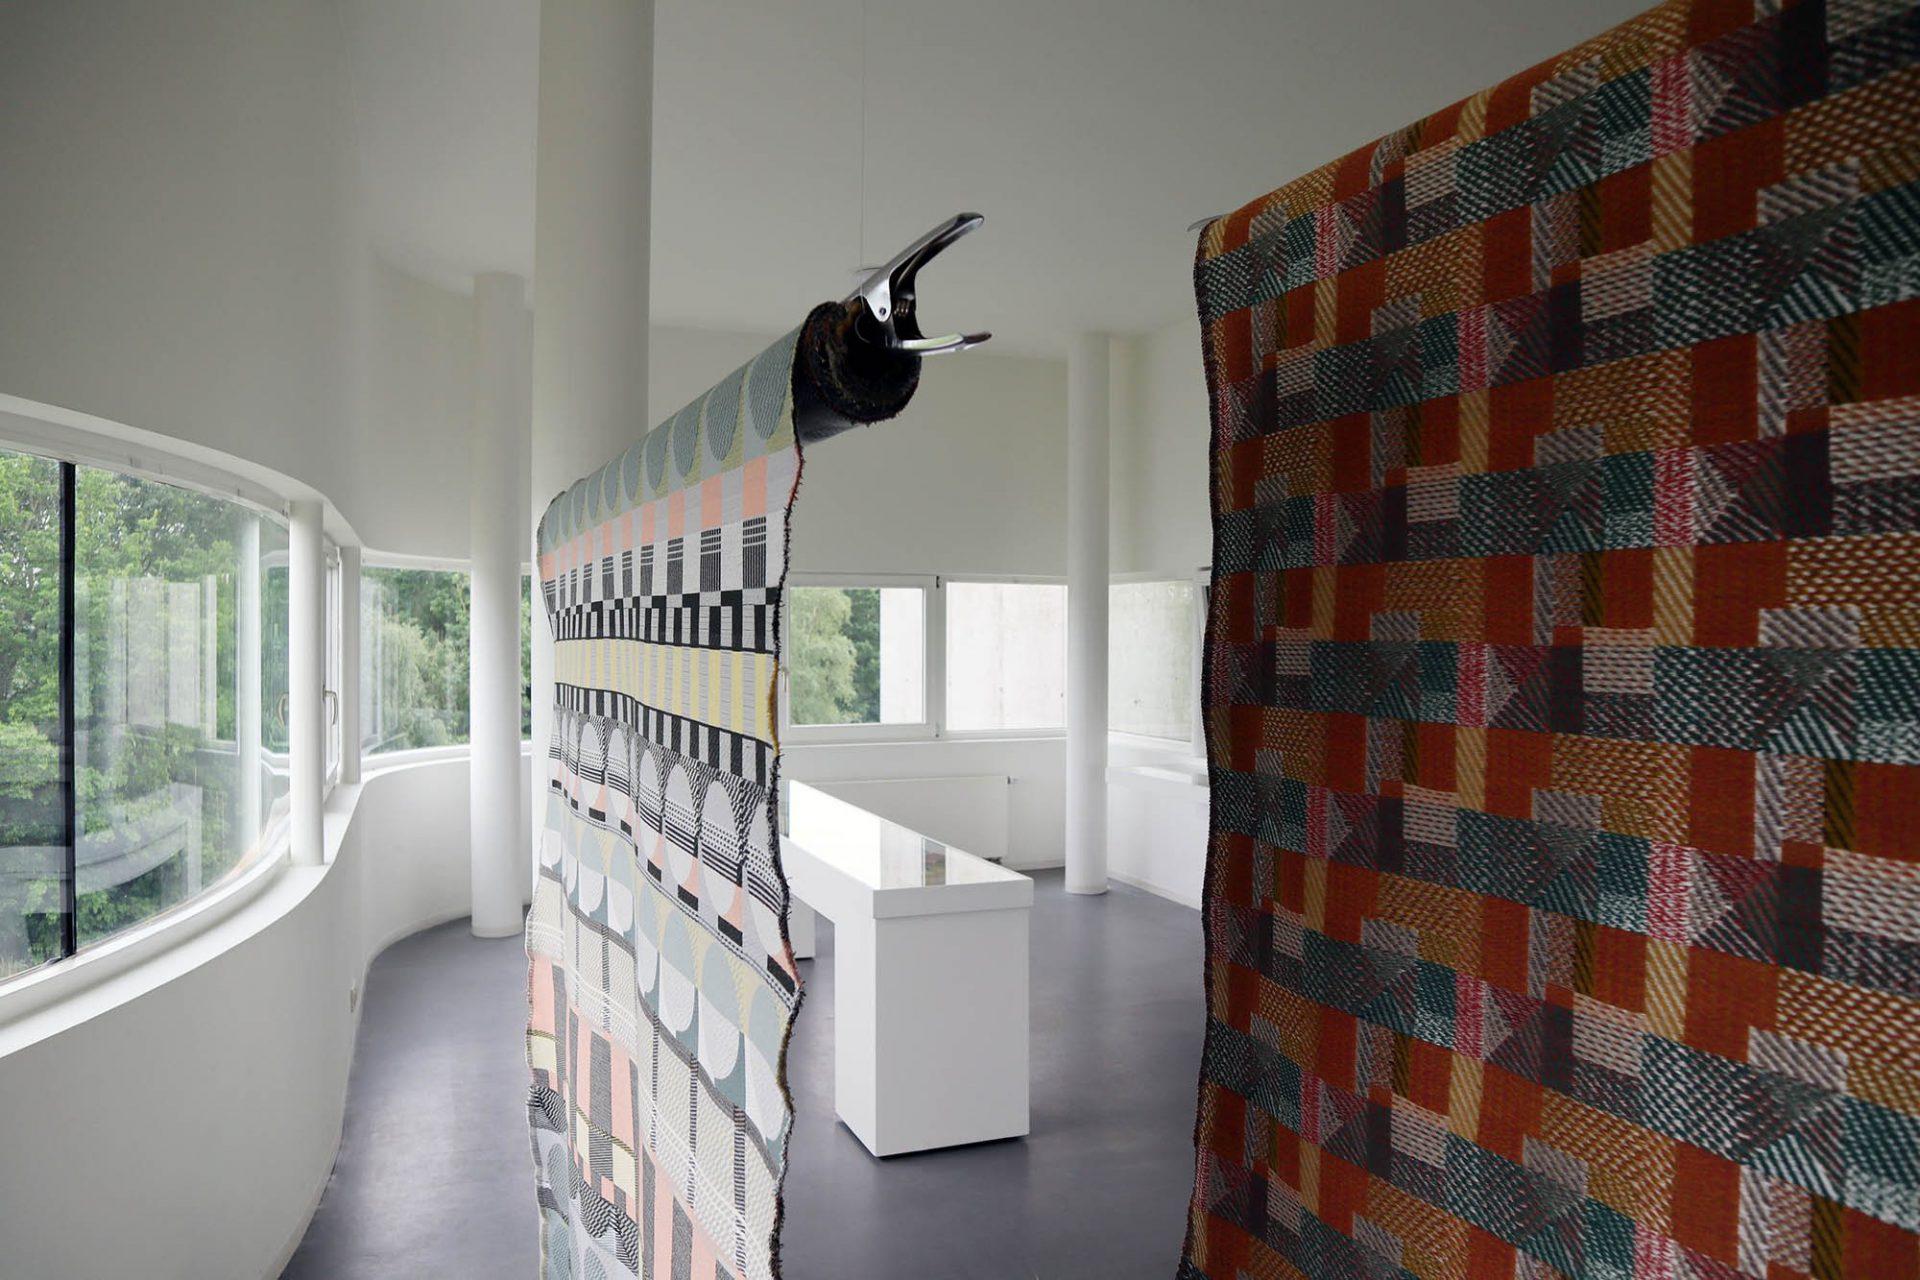 Gunta Stölzl: 100 Jahre Bauhaus-Stoffe. Die Schau zeigt das Leben und Wirken der Textilmeisterin und Muster, Originalstoffe, Bauhaus-Entwürfe und Möbel, die mit ihren Entwürfen veredelt wurden.